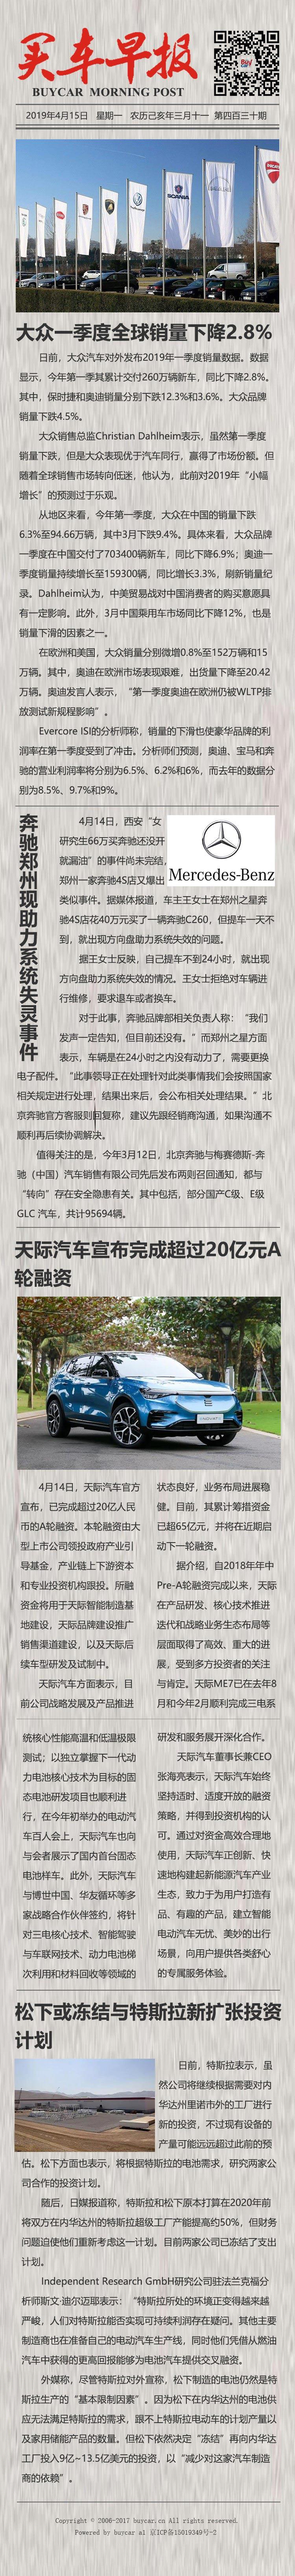 买车早报 | 大众一季度全球销量下降2.8% 奔驰郑州现助力系统失灵事件